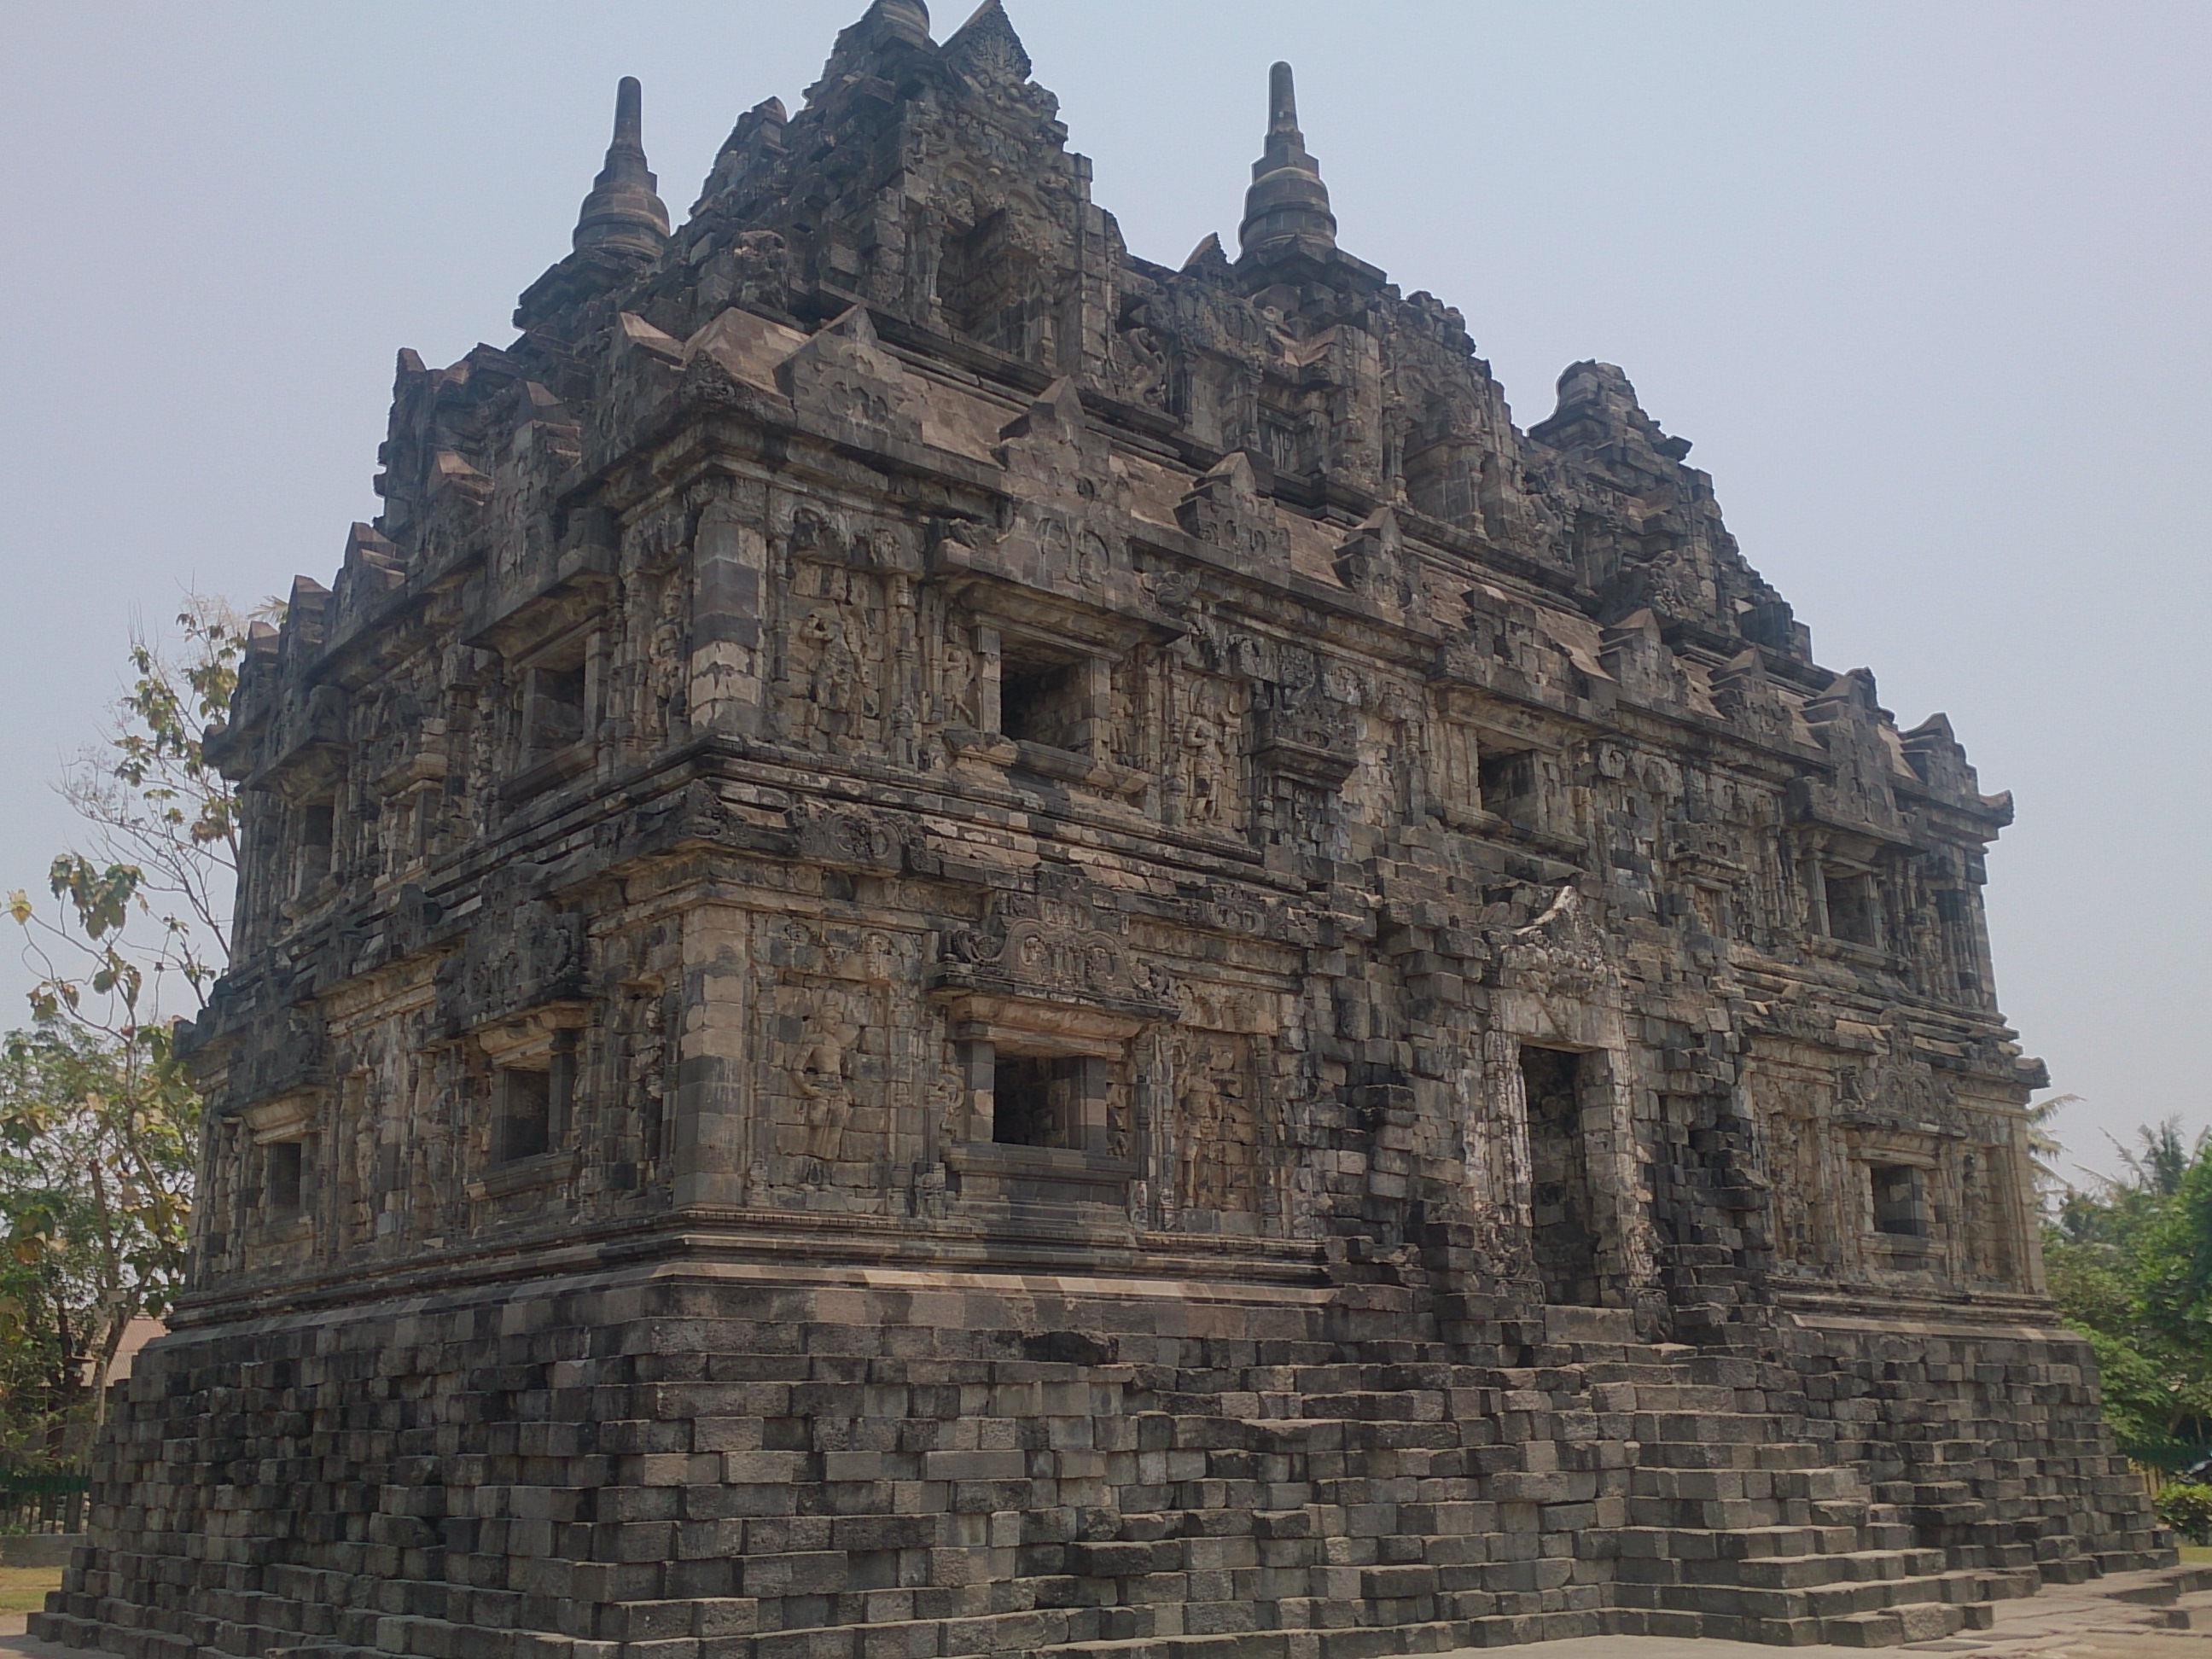 プランバナンだけじゃないジャワヒンドゥーの建築美 サリ寺院・カラサン寺院